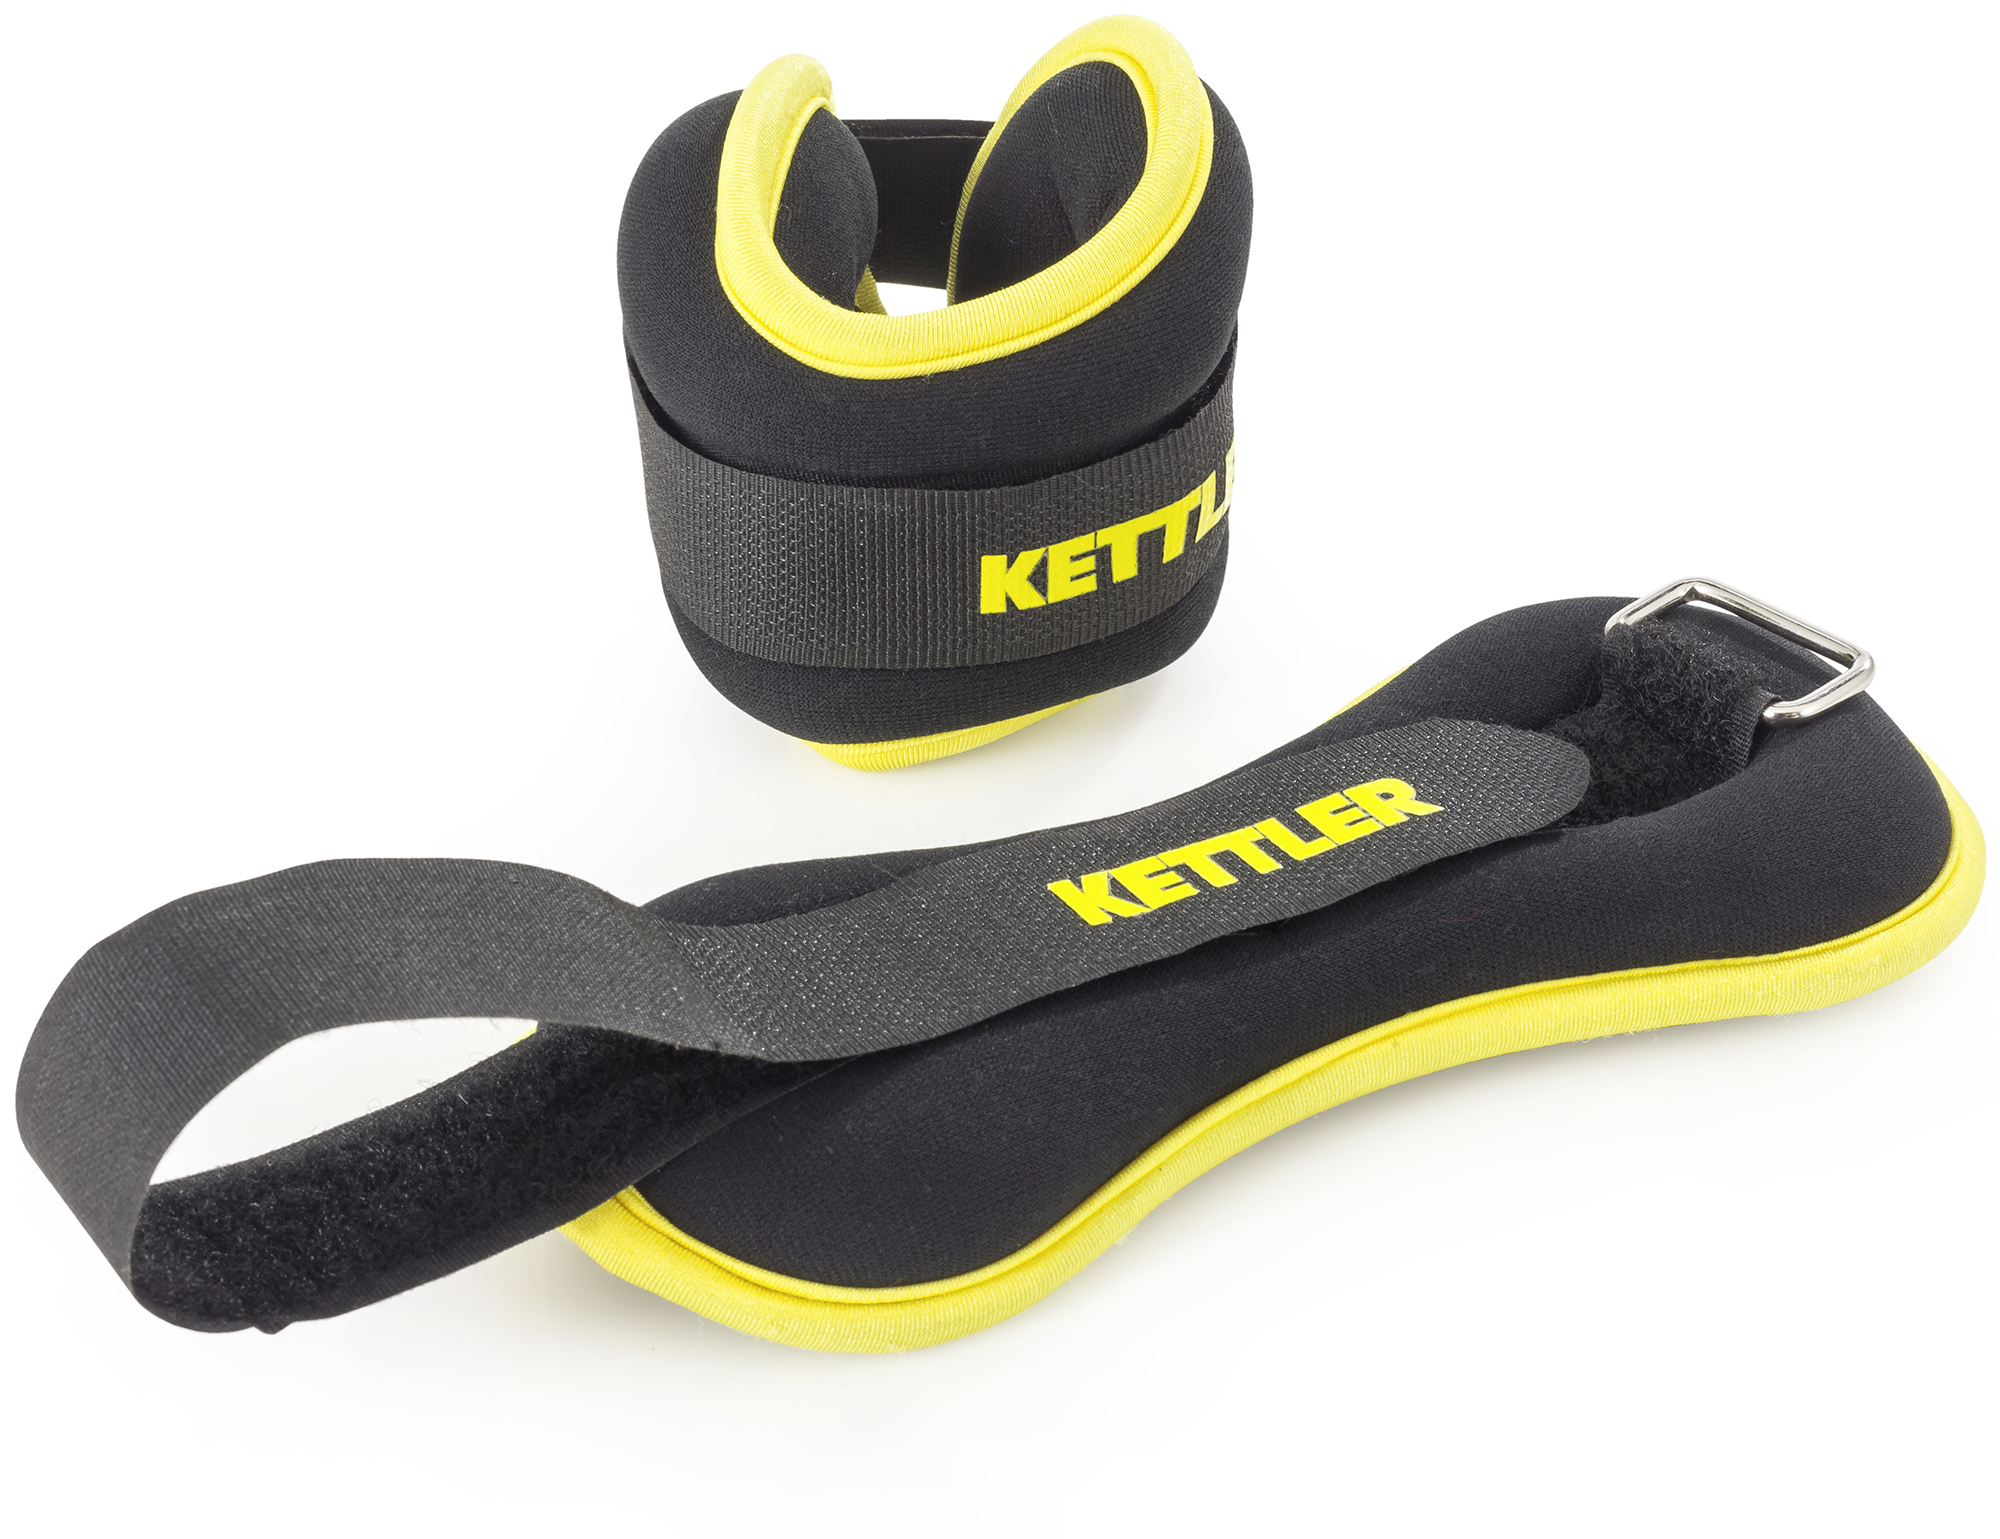 Kettler Утяжелители, Kettler 2 х 0,5 кг беговел kettler speedy t04015 0035